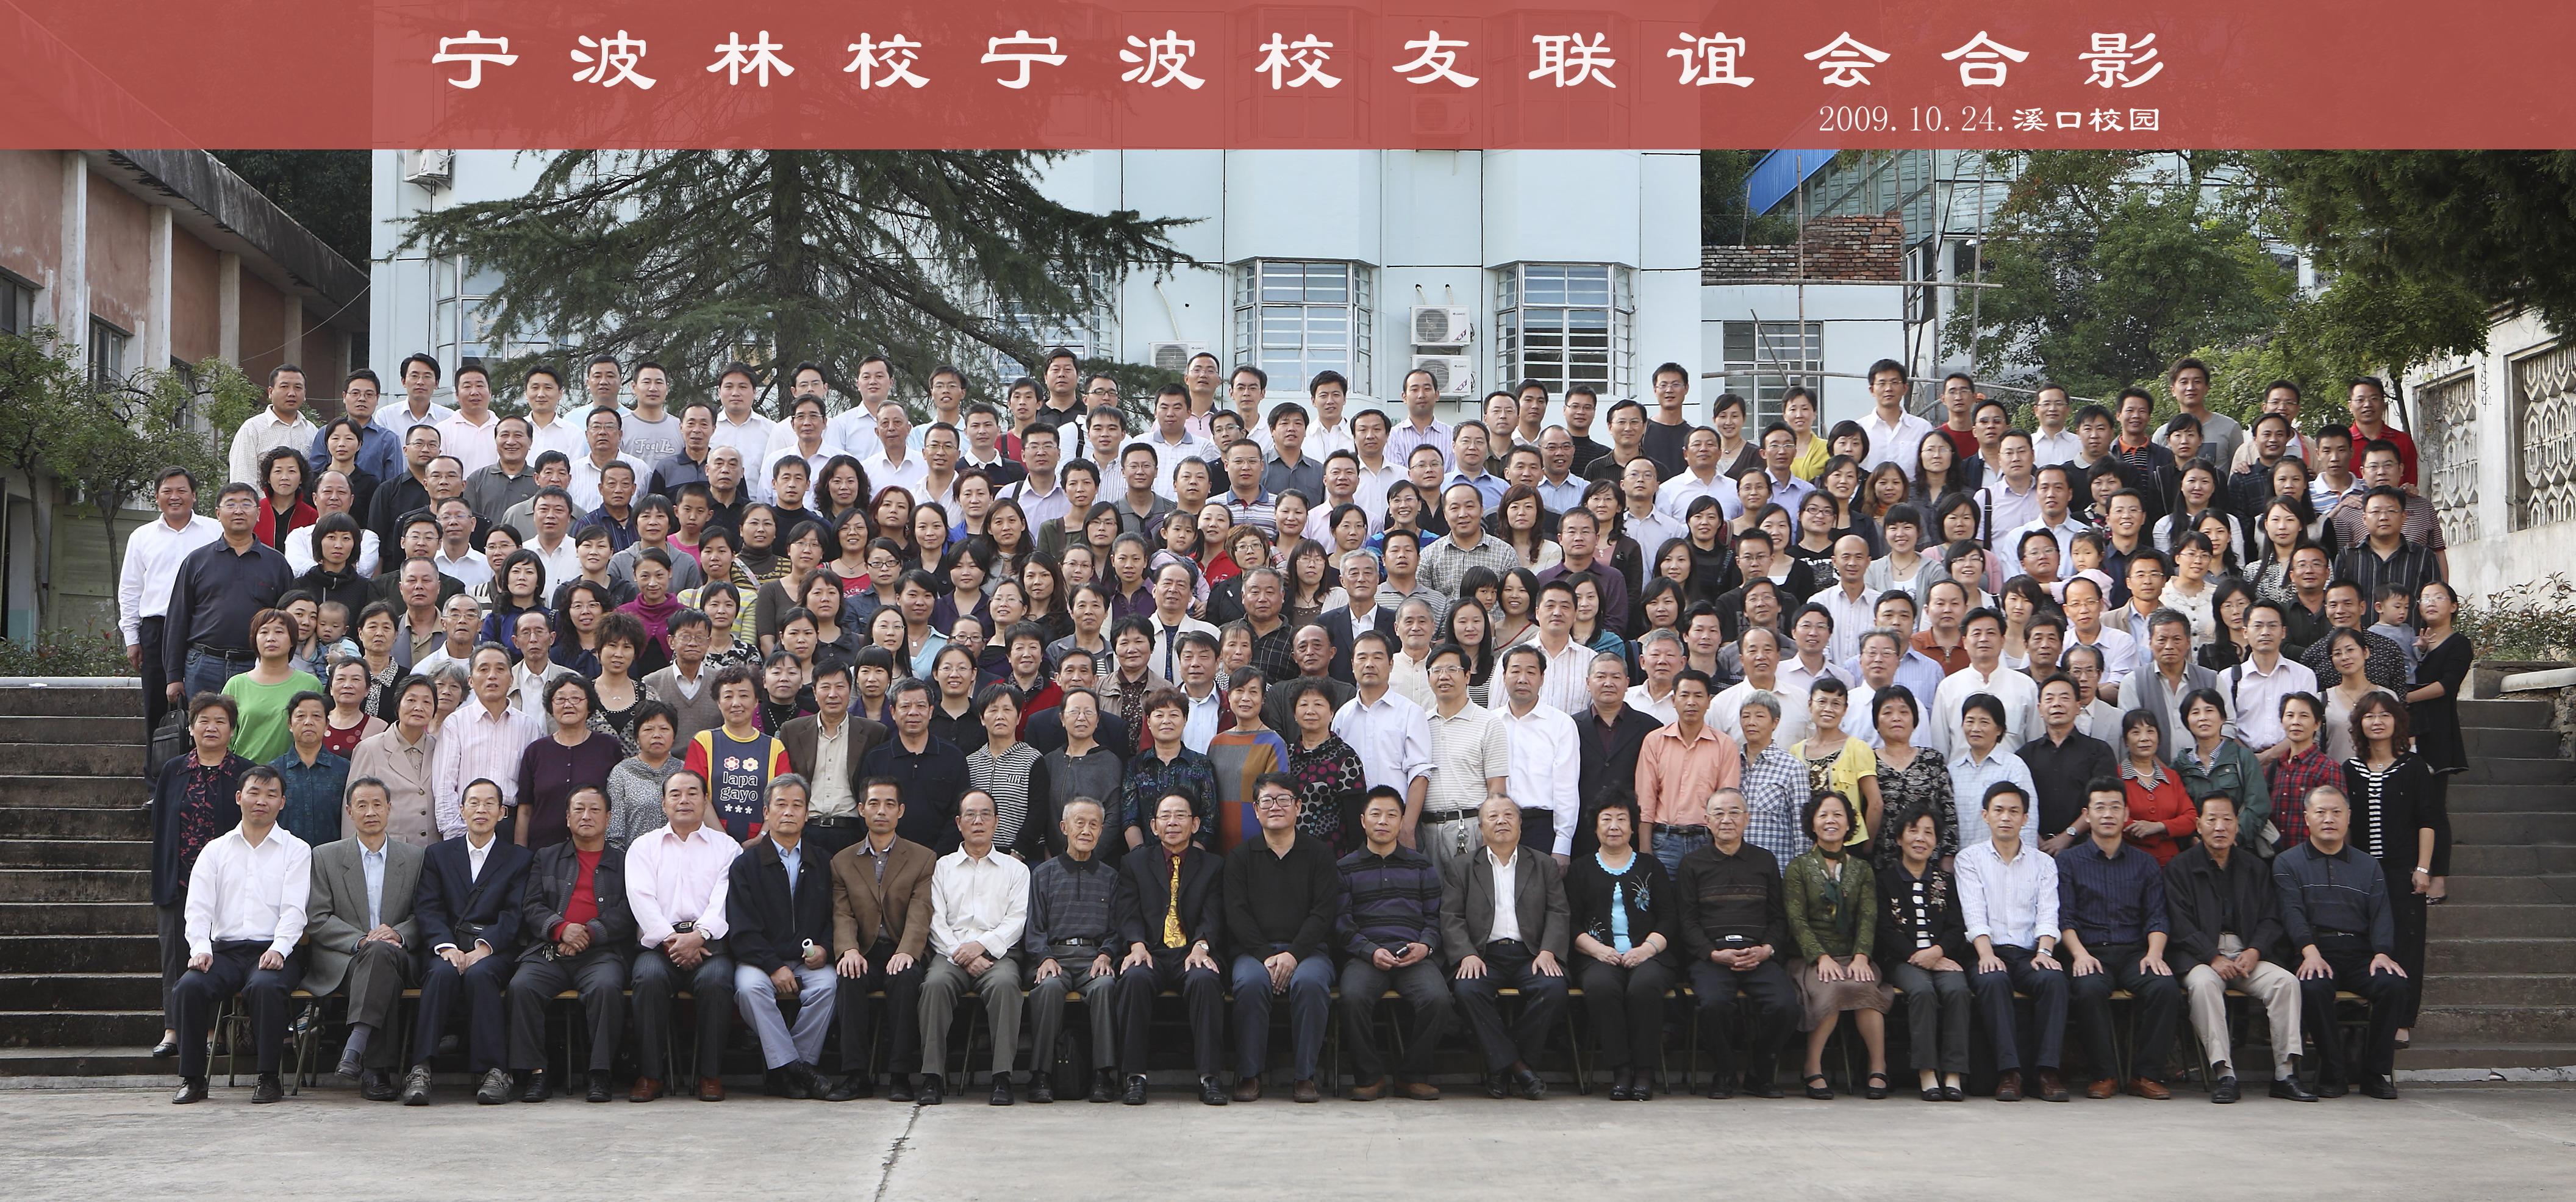 2009年林业部宁波林业学校宁波校友联谊会合影